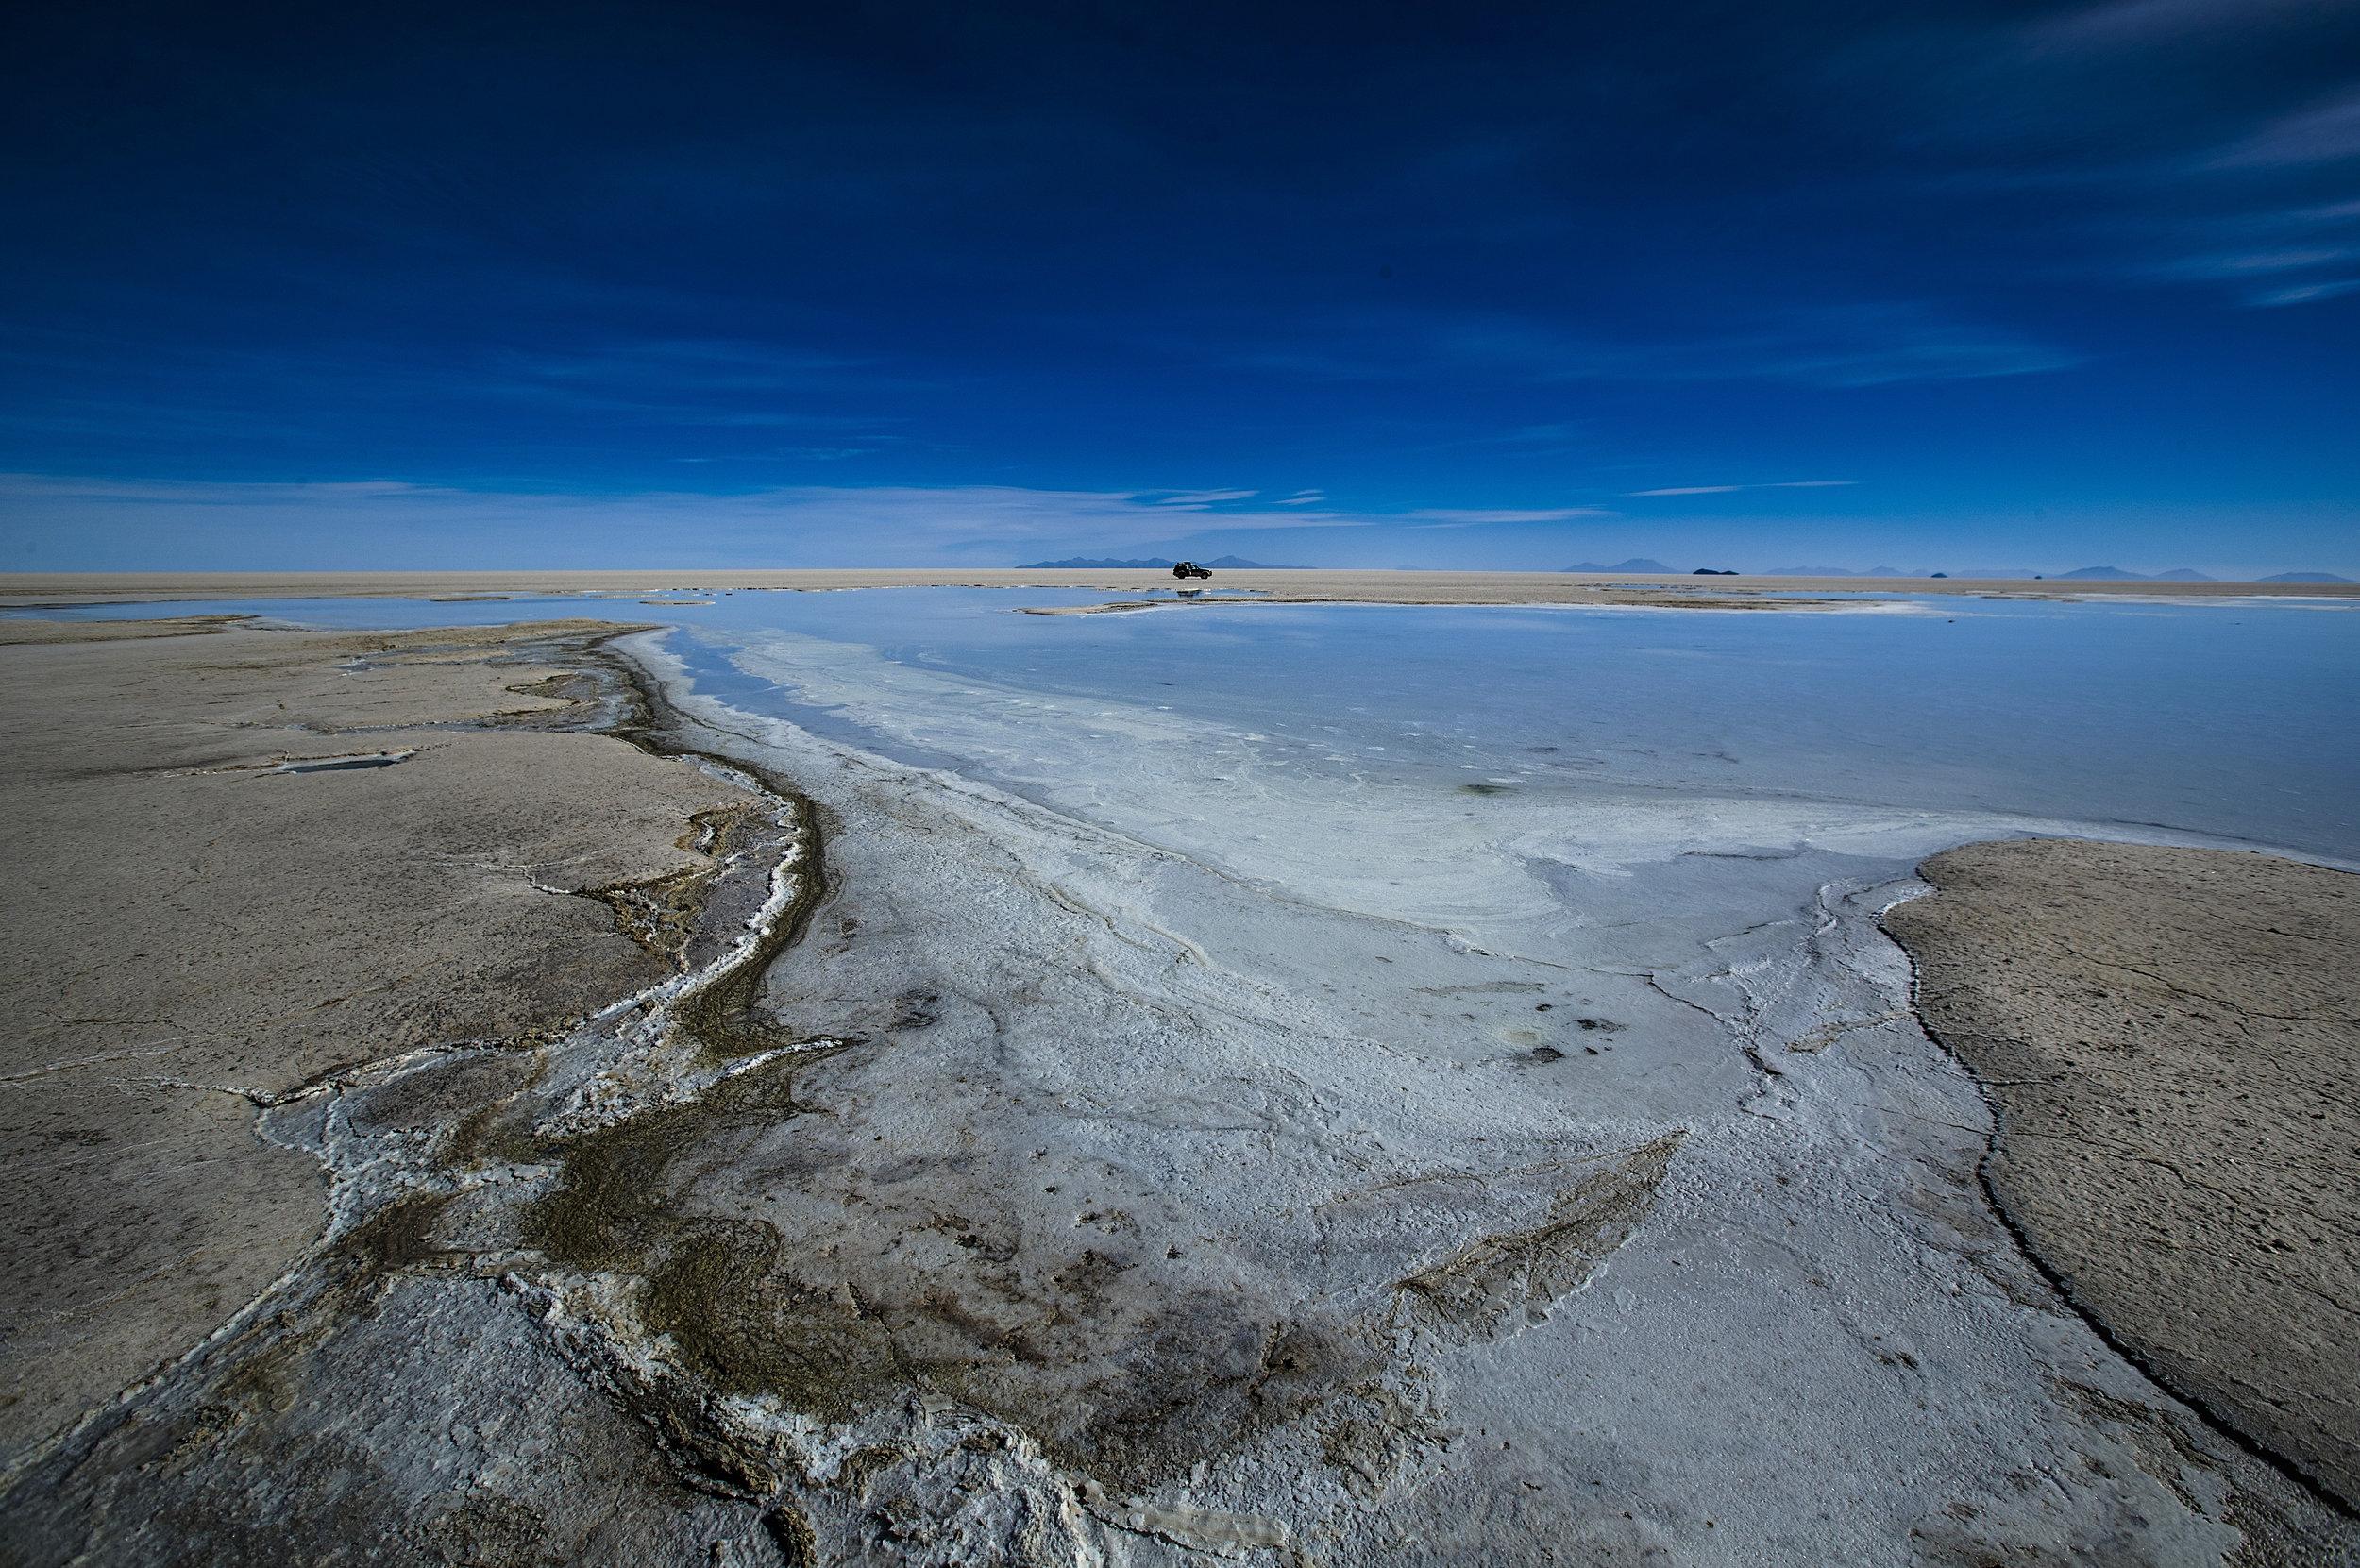 Simon+Needham+Photography+Salt+Flats+12.jpg